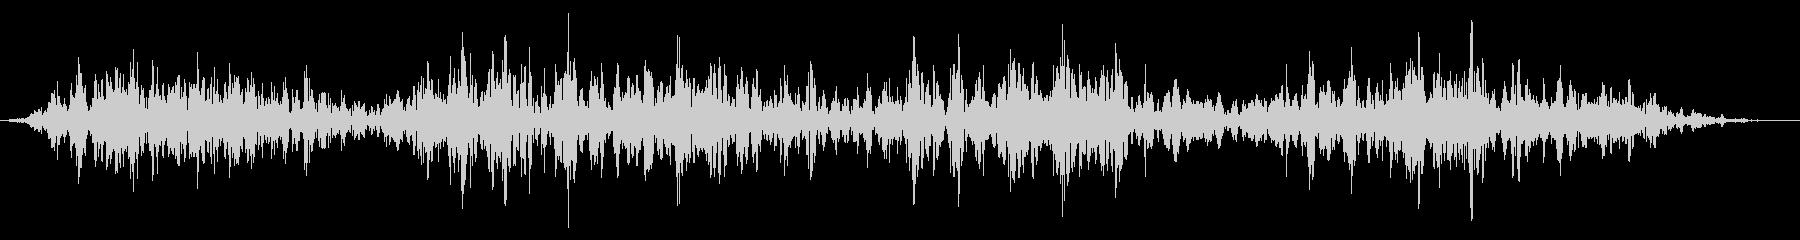 スライムなどが蠢く音タイプC#8の未再生の波形